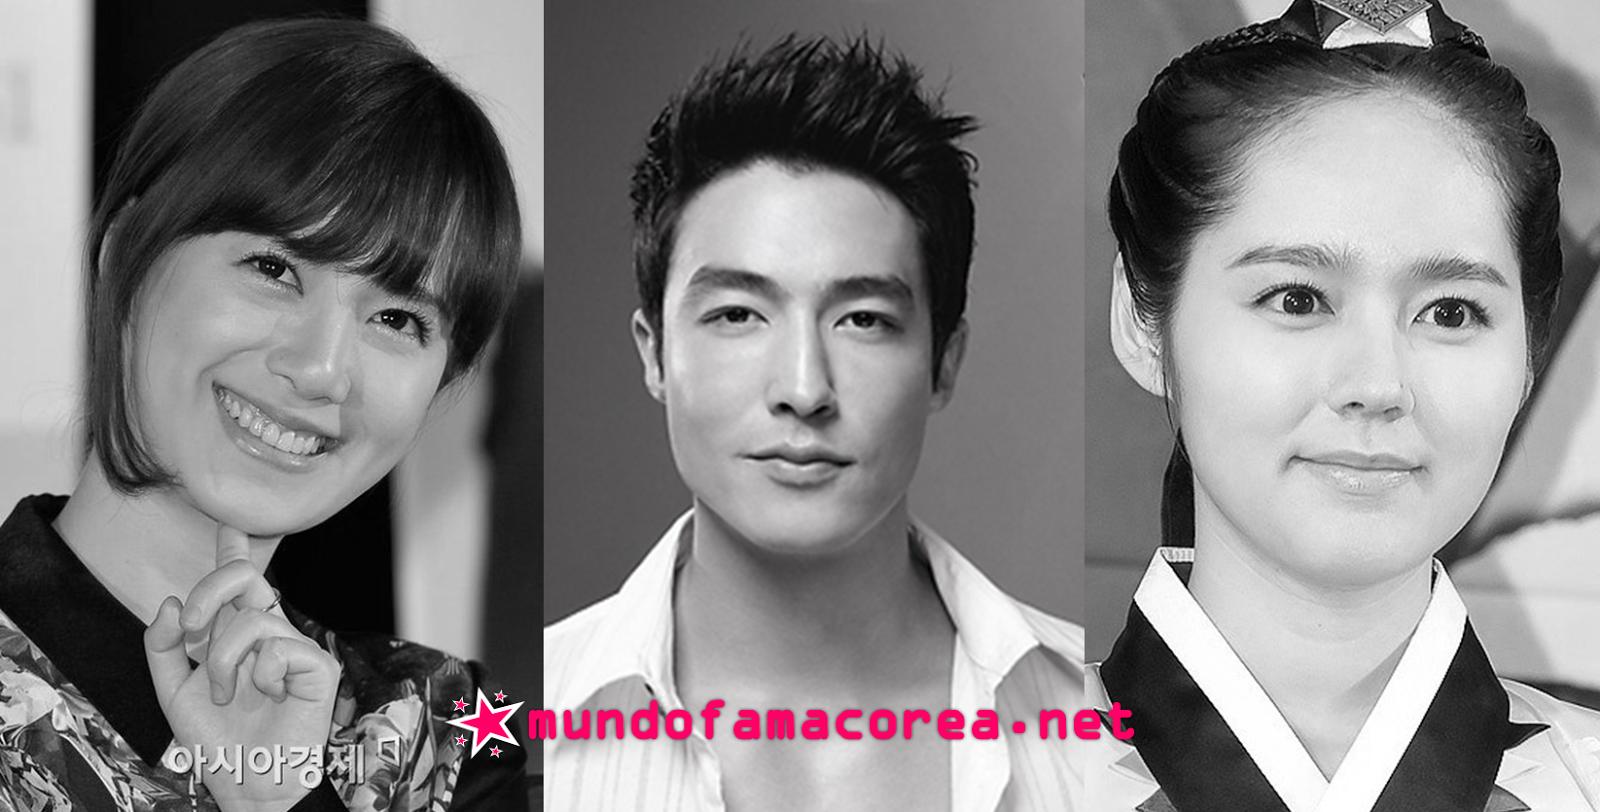 Los ultimos chismes de los actores coreanos chismes de Los ultimos chismes dela farandula